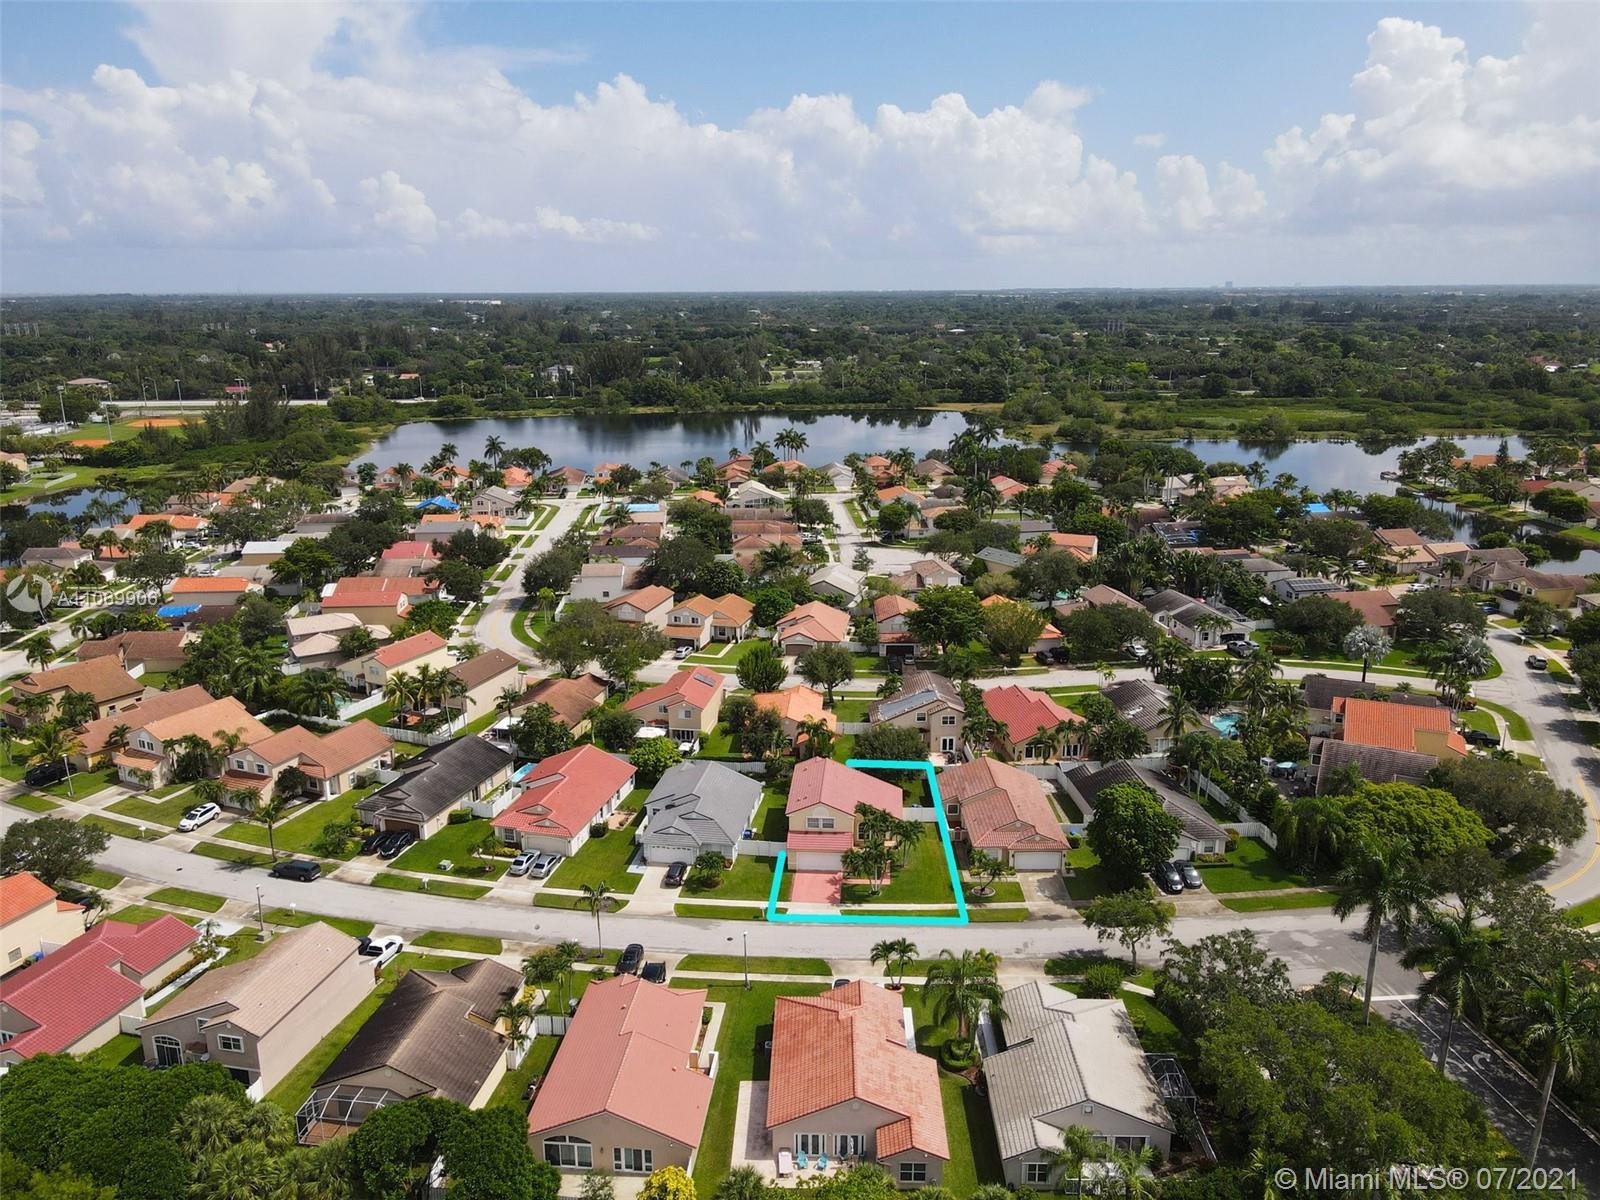 Silver Lakes - 18111 NW 18th St, Pembroke Pines, FL 33029